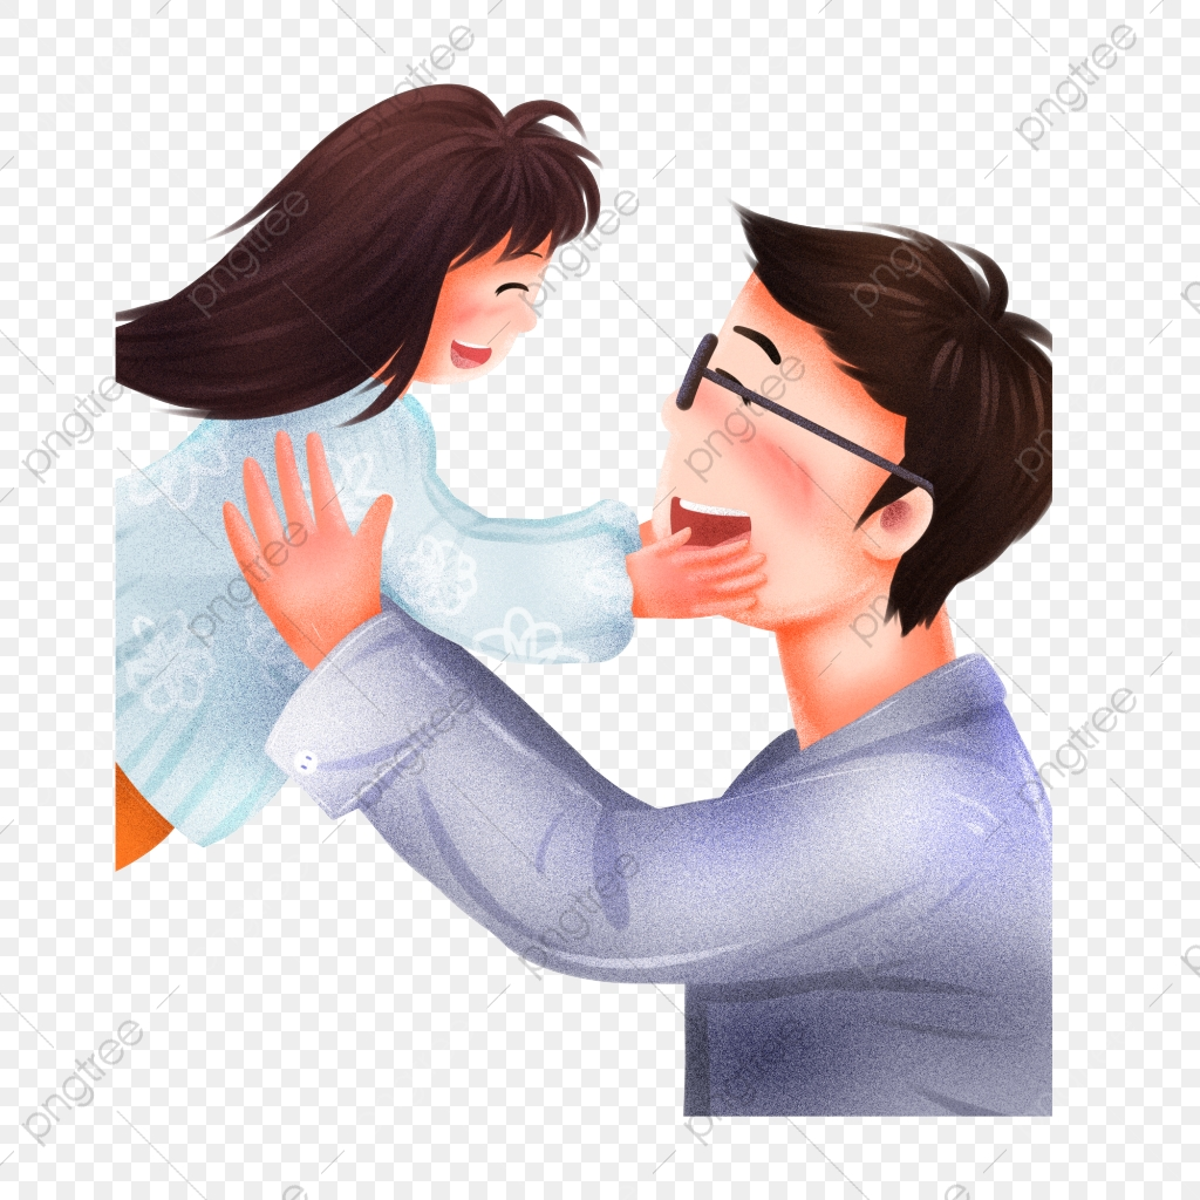 Gambar Ilustrasi Bapa Dan Anak Perempuan Bahan Watak Tangan Yang Ditarik Kartun Anak Bapa Ilustrasi Bapa Dan Anak Perempuan Png Dan Psd Untuk Muat Turun Percuma